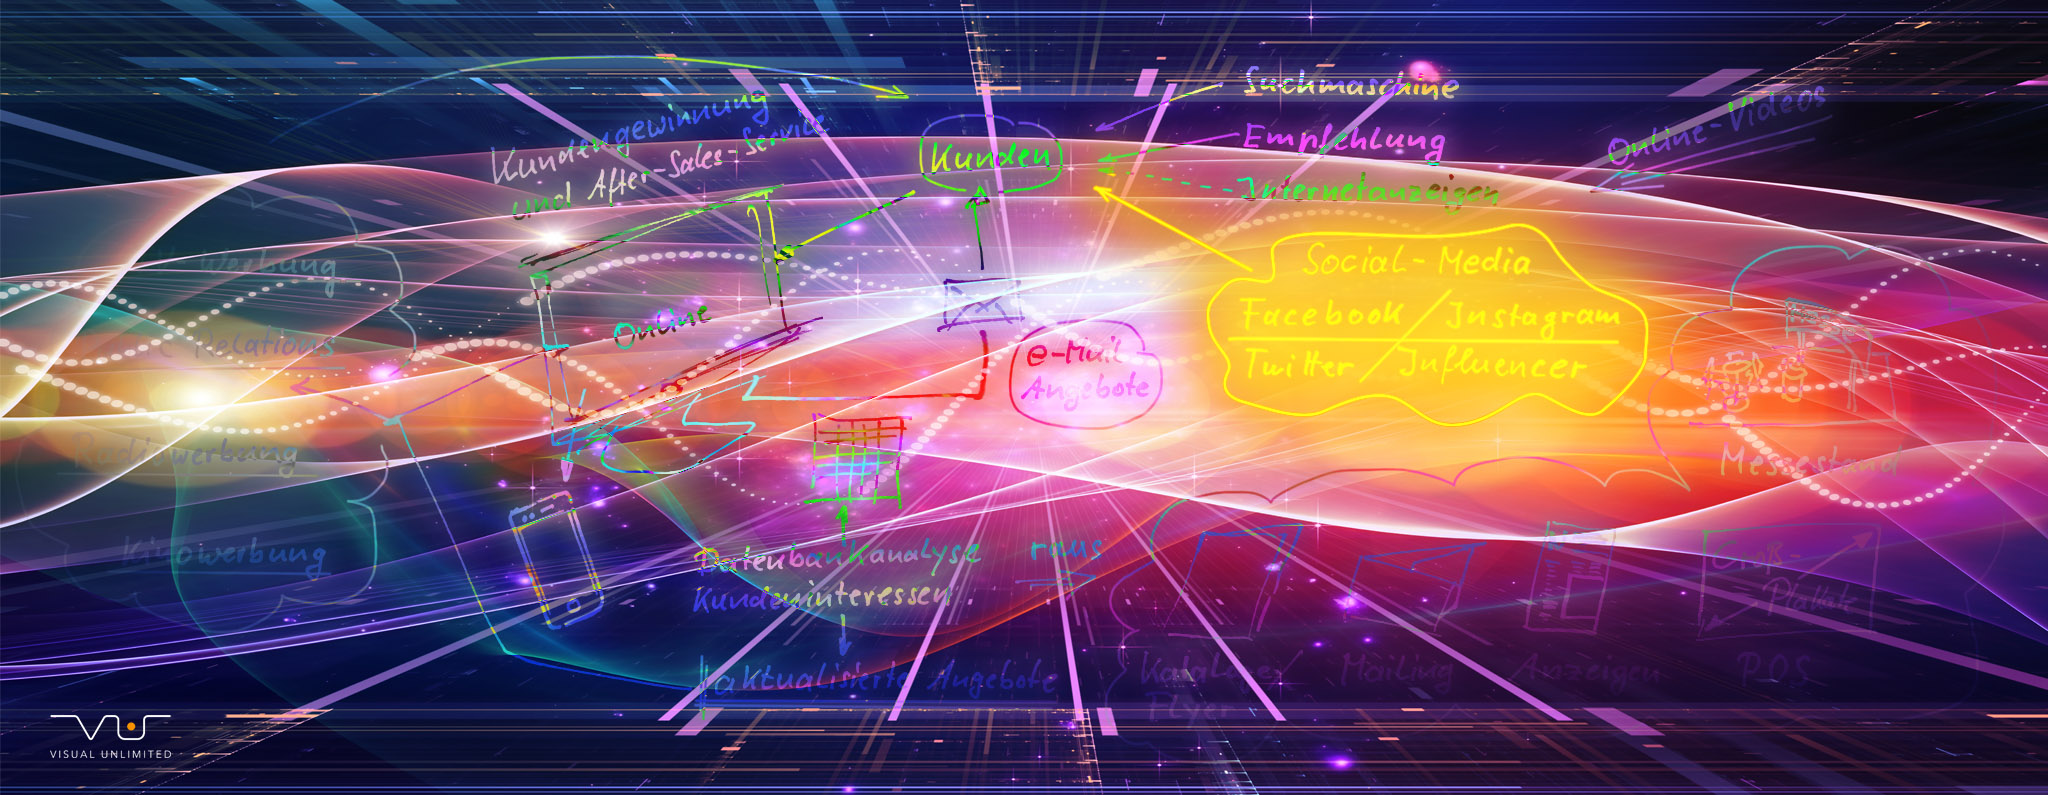 Werbeagentur Visual Unlimited Header Online 07 - Social Media